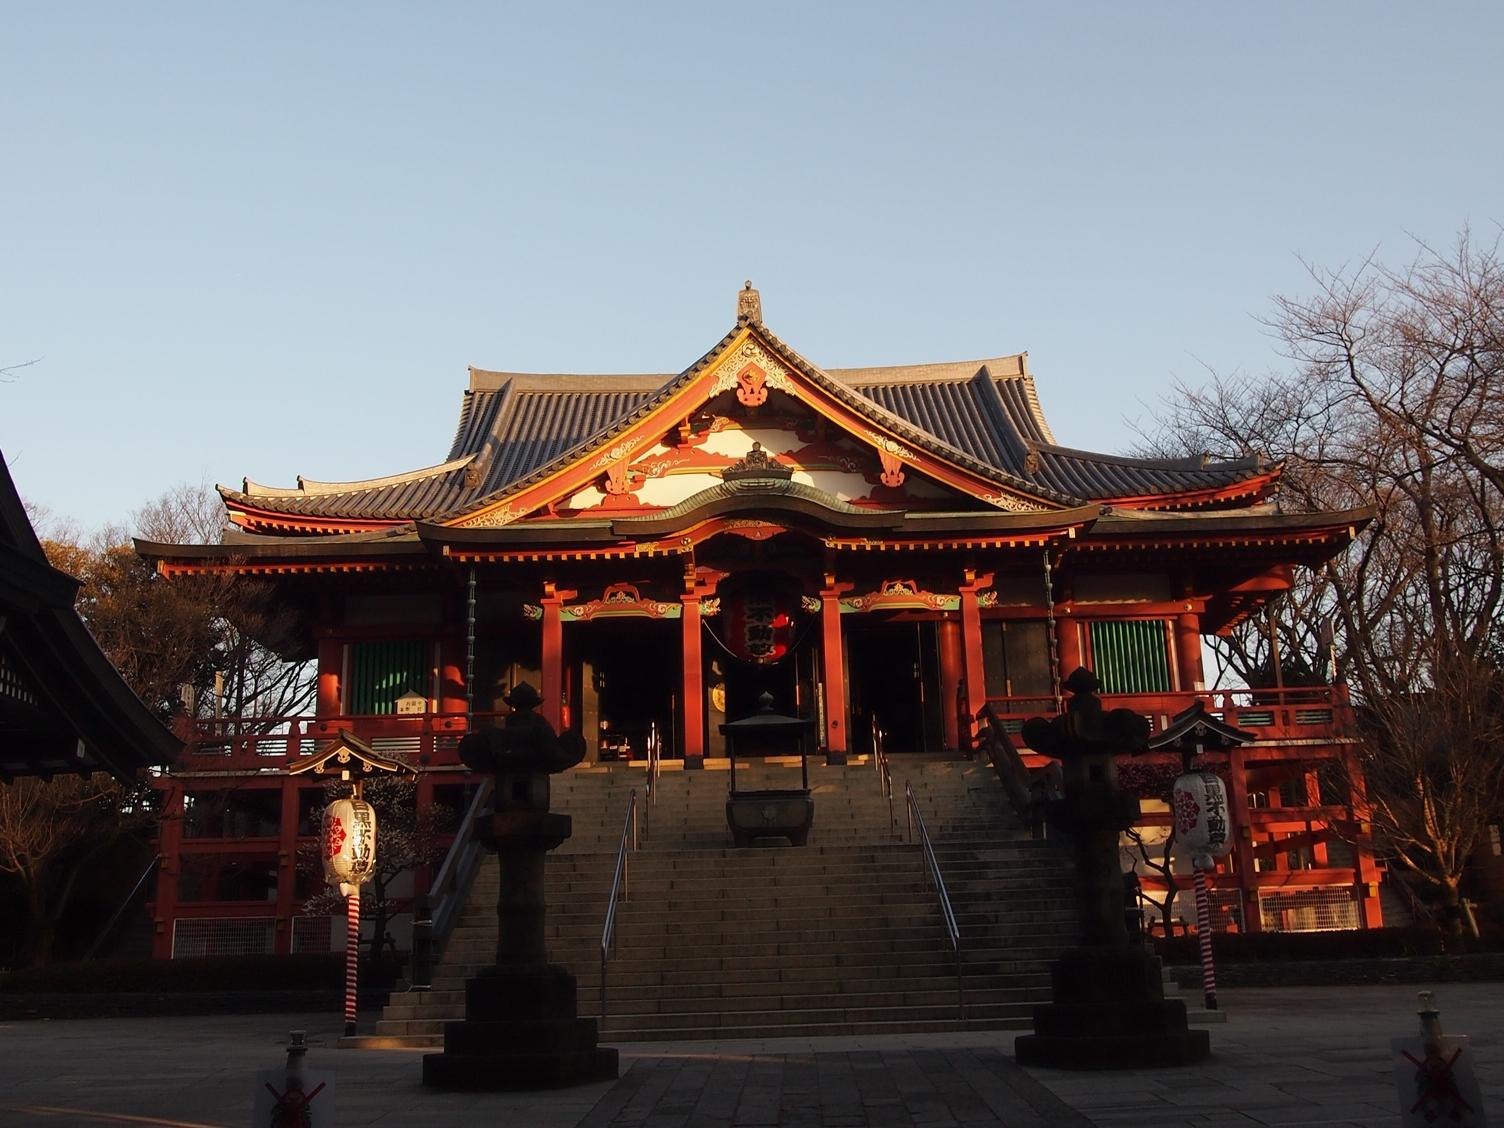 目黒不動尊(龍泉寺)日の光を浴びる本堂